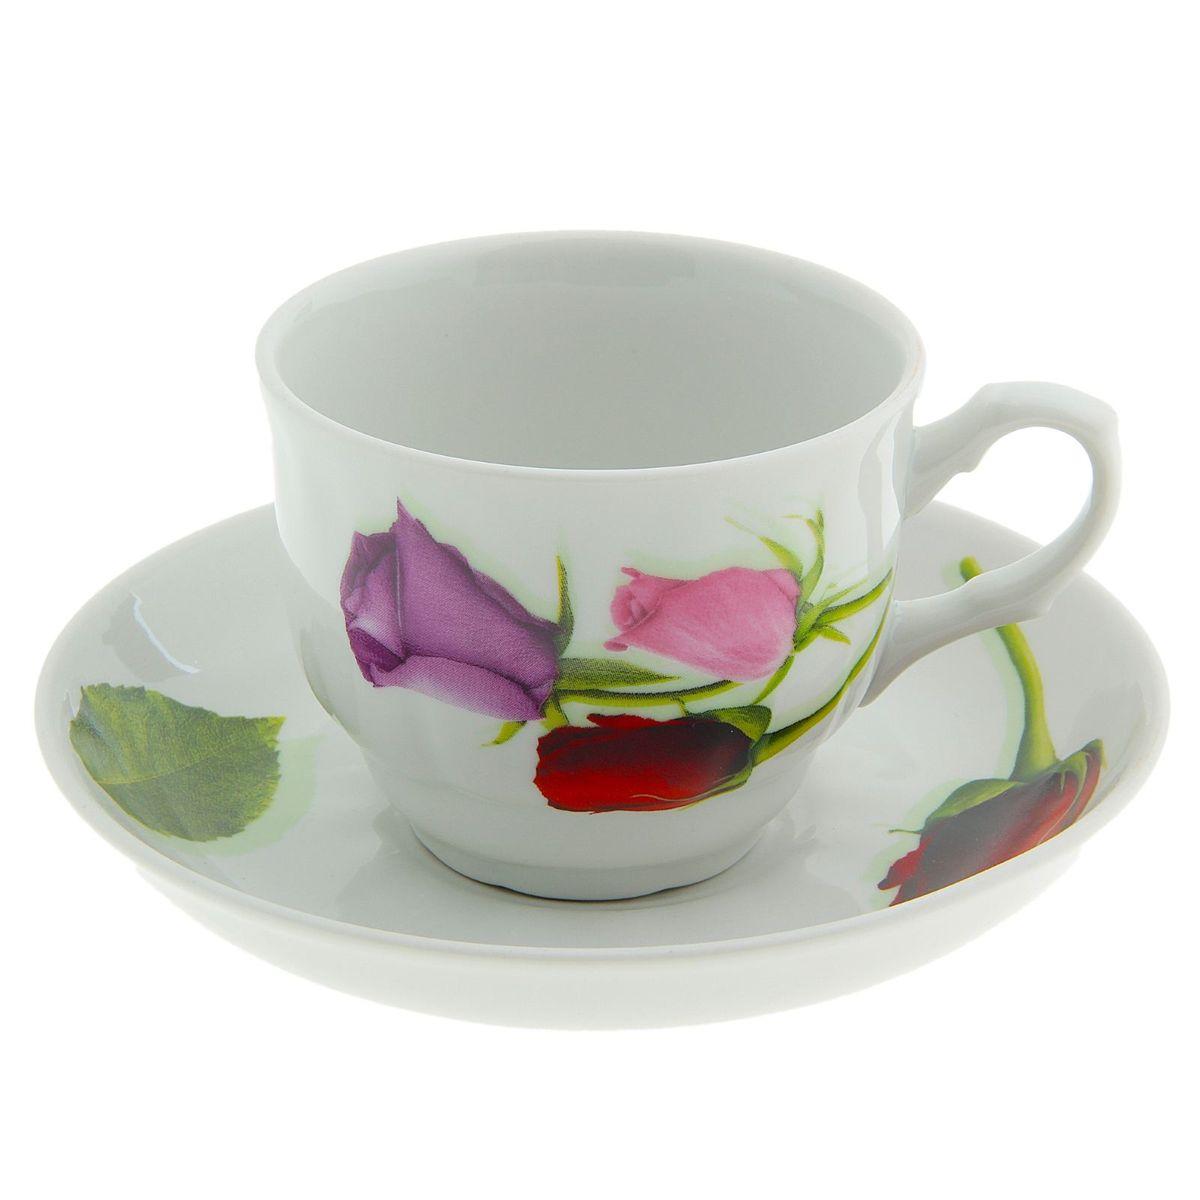 Чайная пара Тюльпан. Королева цветов, 2 предмета507778Чайная пара Тюльпан. Королева цветов состоит из чашки и блюдца, изготовленных из высококачественного фарфора. Оригинальный дизайн, несомненно, придется вам по вкусу.Чайная пара Тюльпан. Королева цветов украсит ваш кухонный стол, а также станет замечательным подарком к любому празднику.Объем чашки: 250 мл.